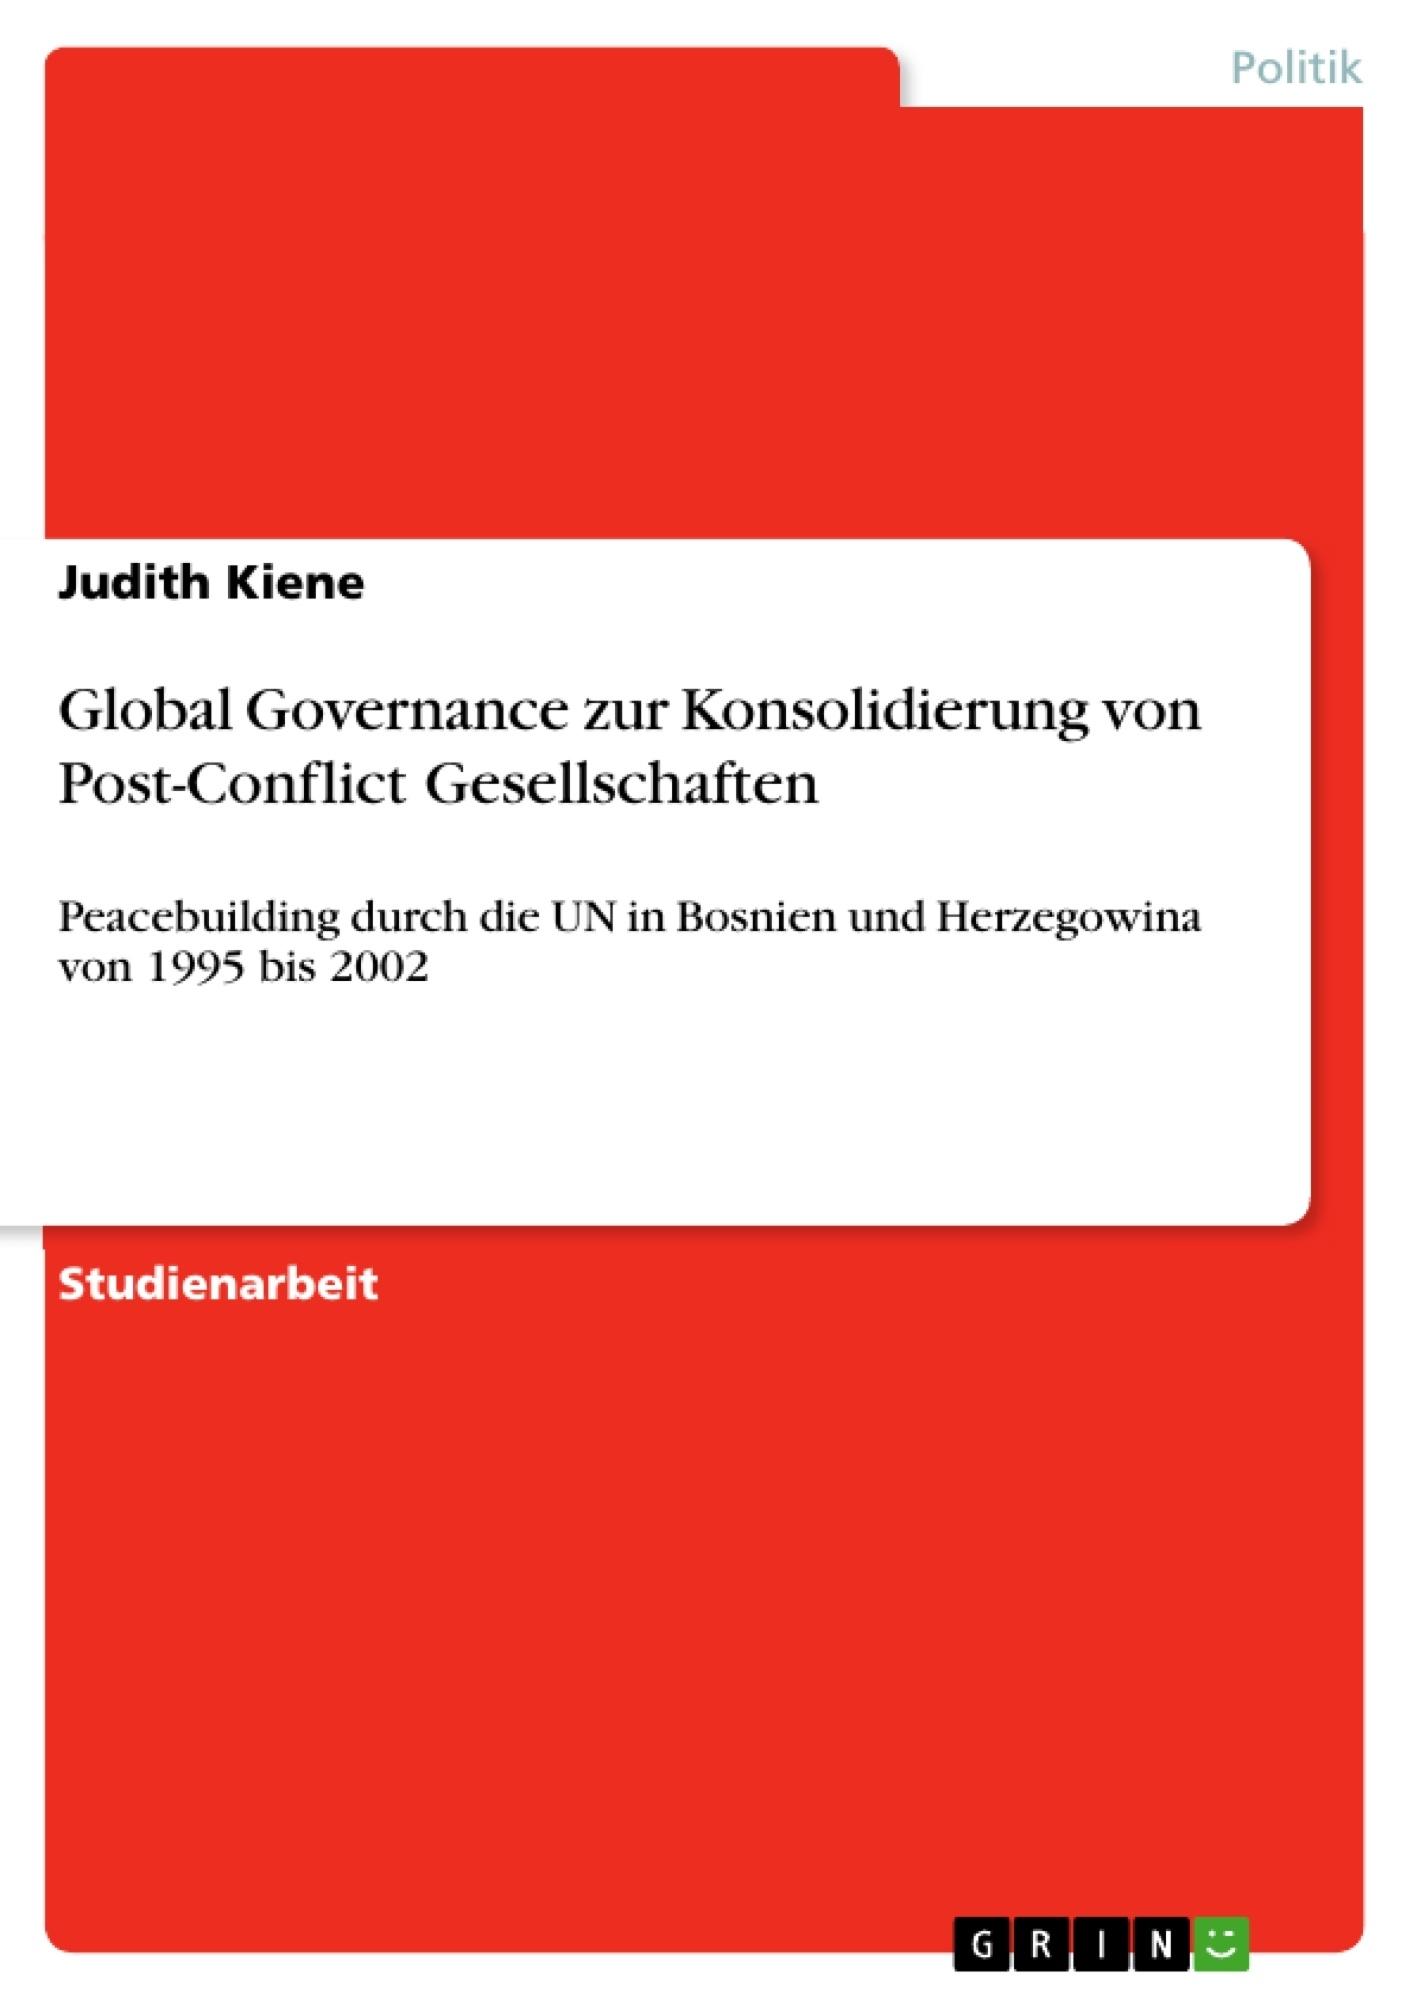 Titel: Global Governance zur Konsolidierung von Post-Conflict Gesellschaften